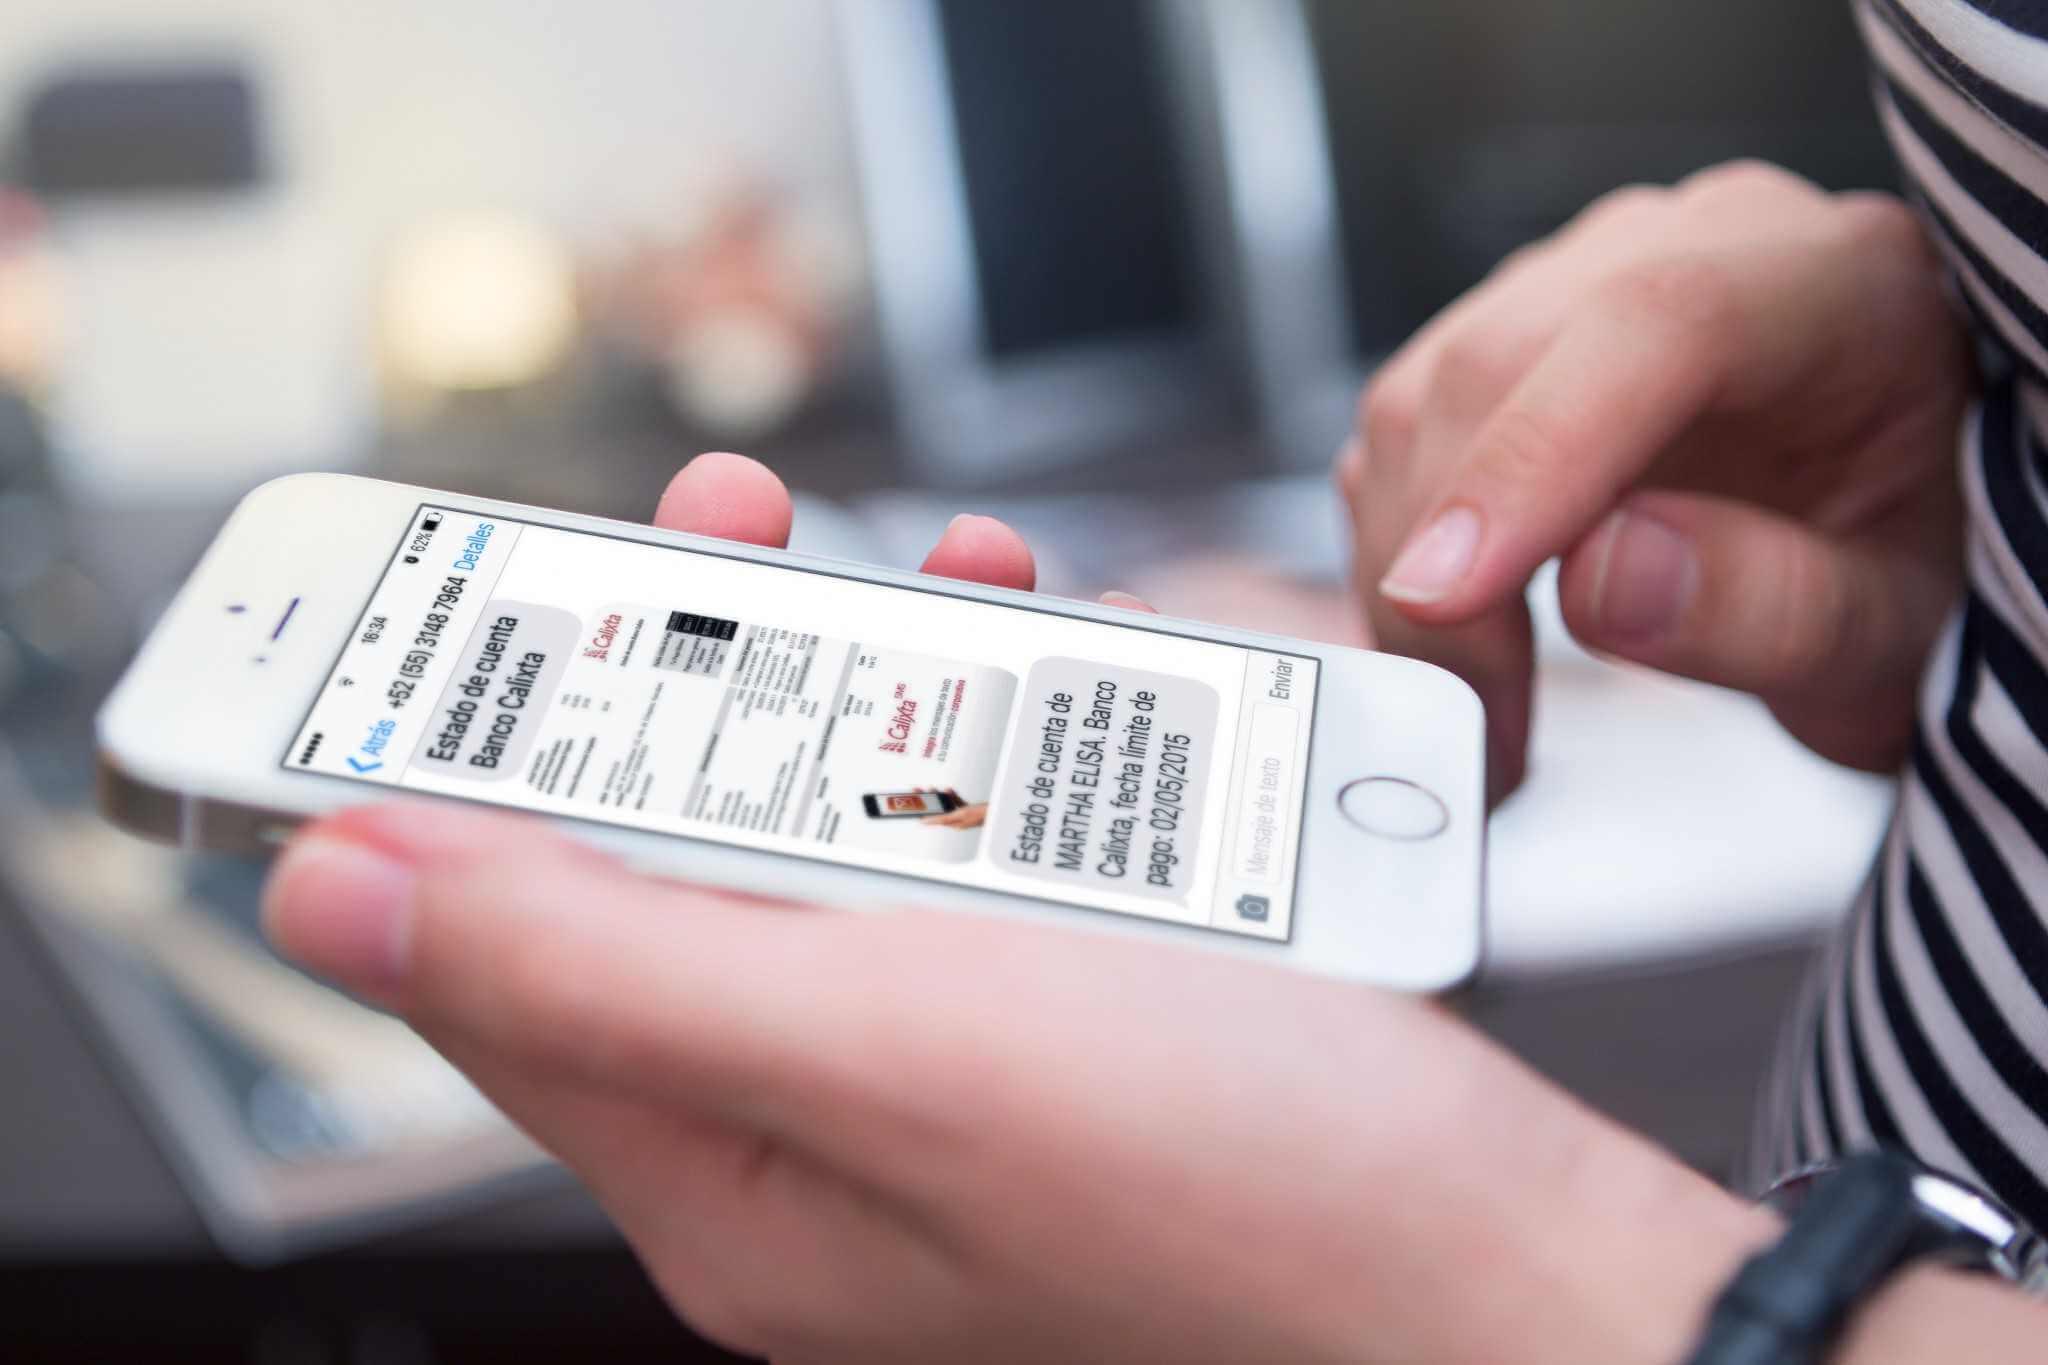 SMS brandname là gì